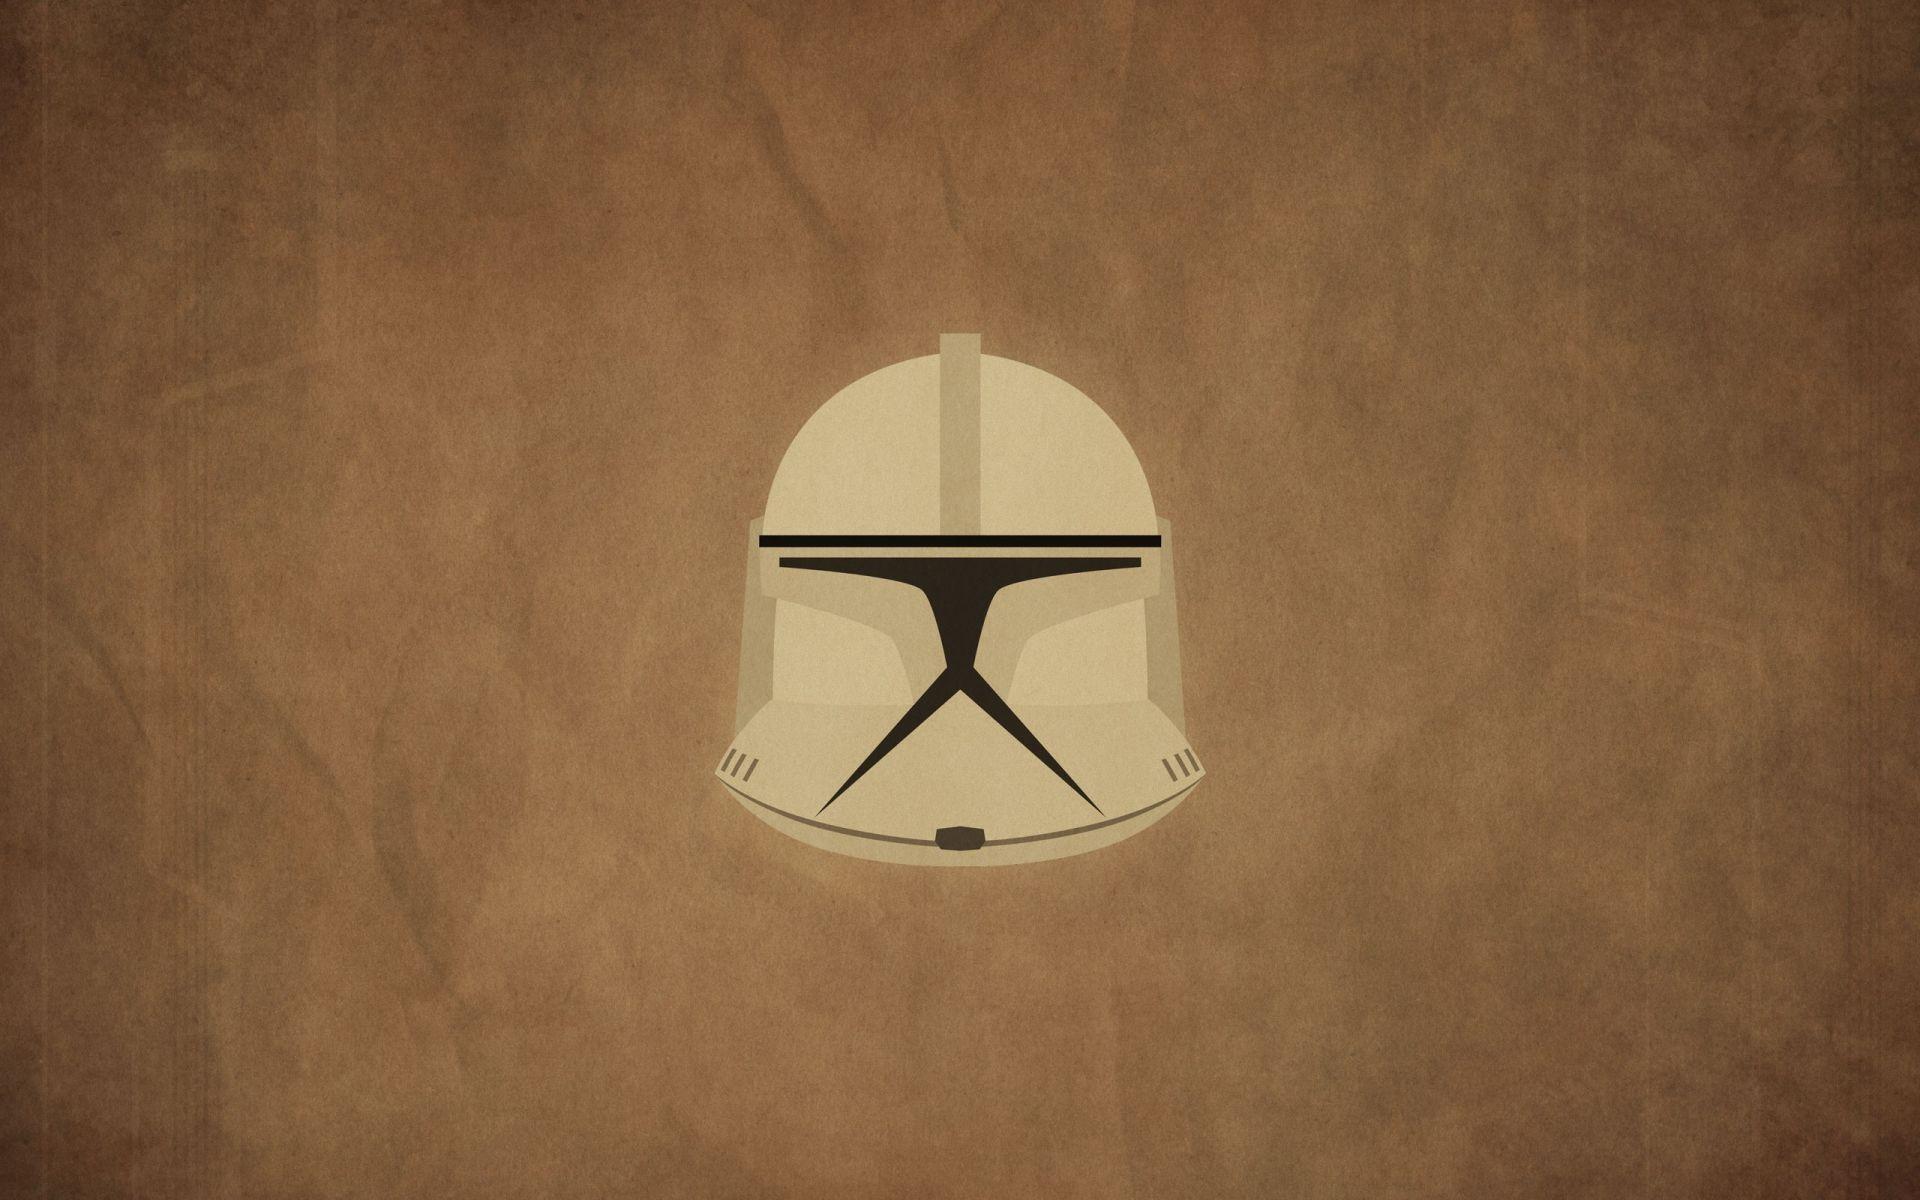 Star Wars Minimalist HD Wallpaper